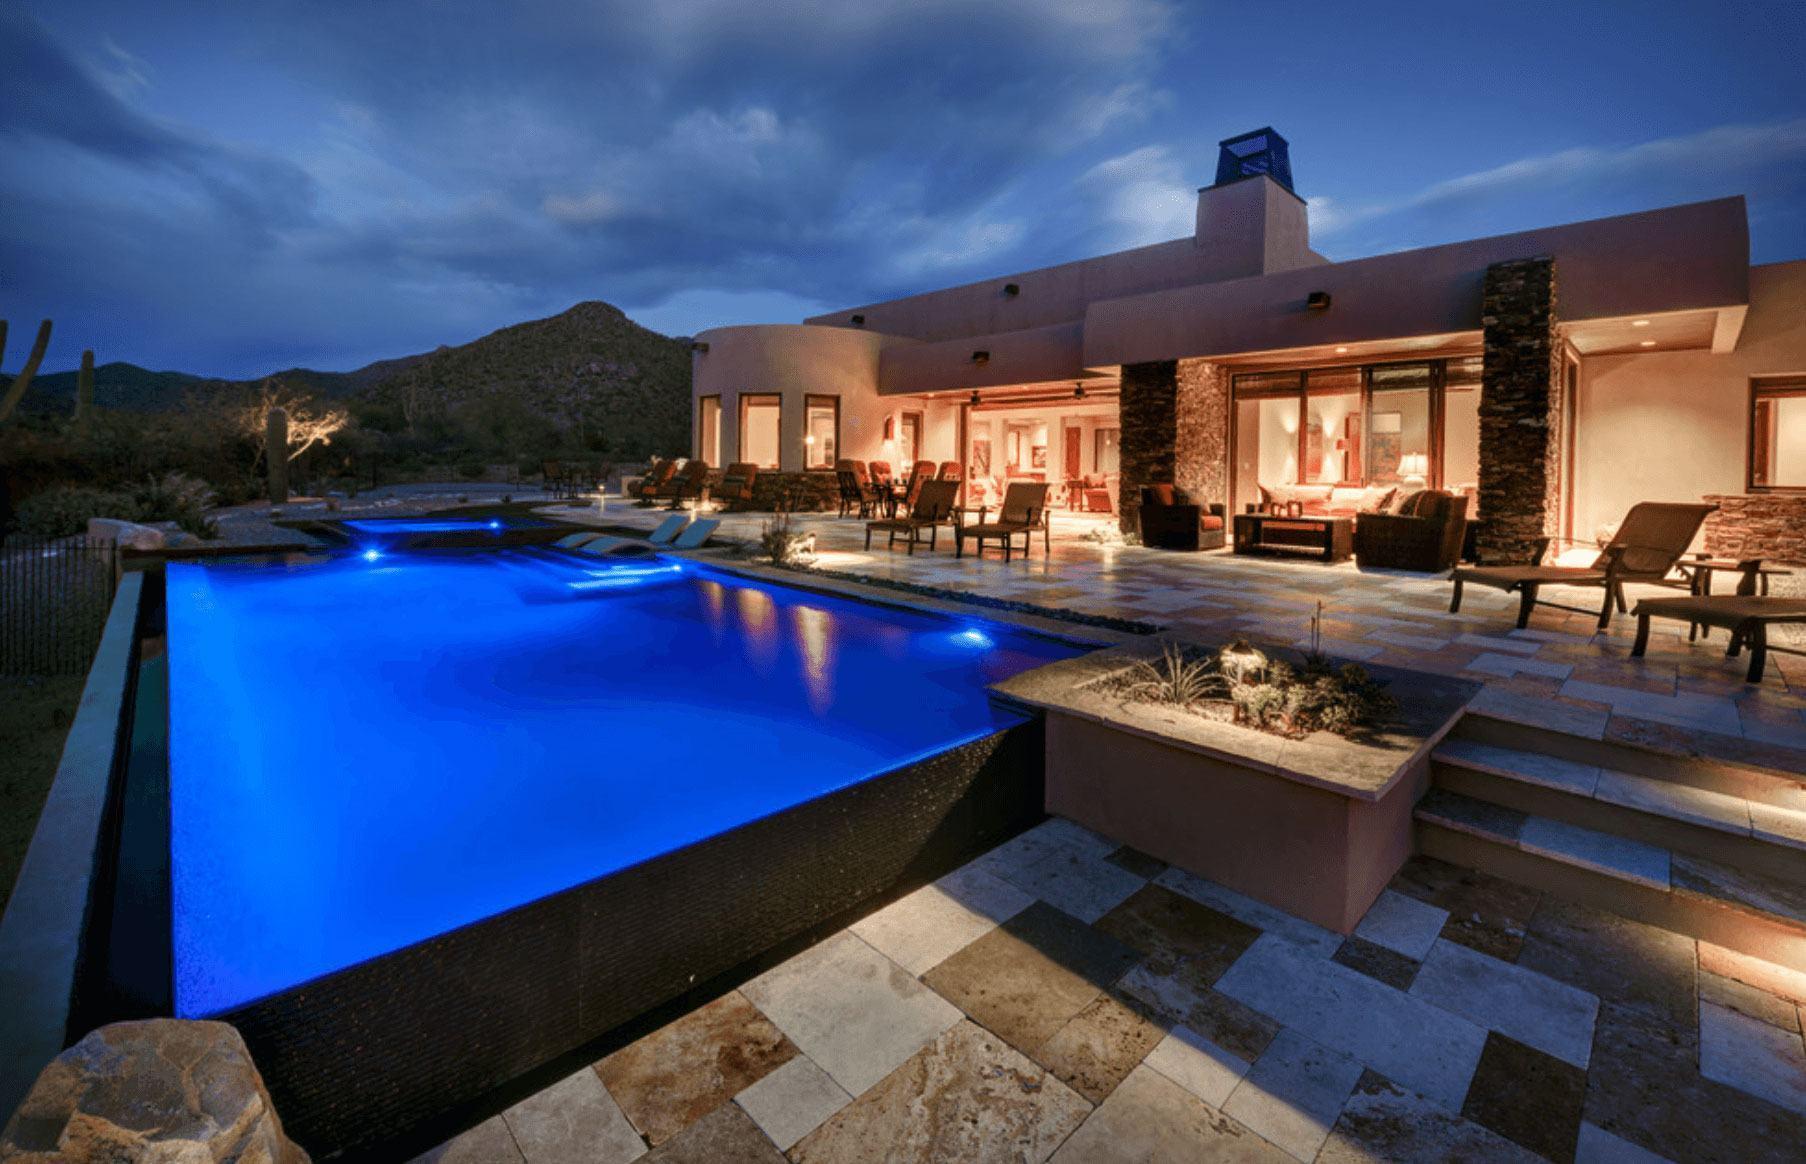 Casas com piscinas 60 modelos projetos e fotos for Imagenes de casas con piscina modernas